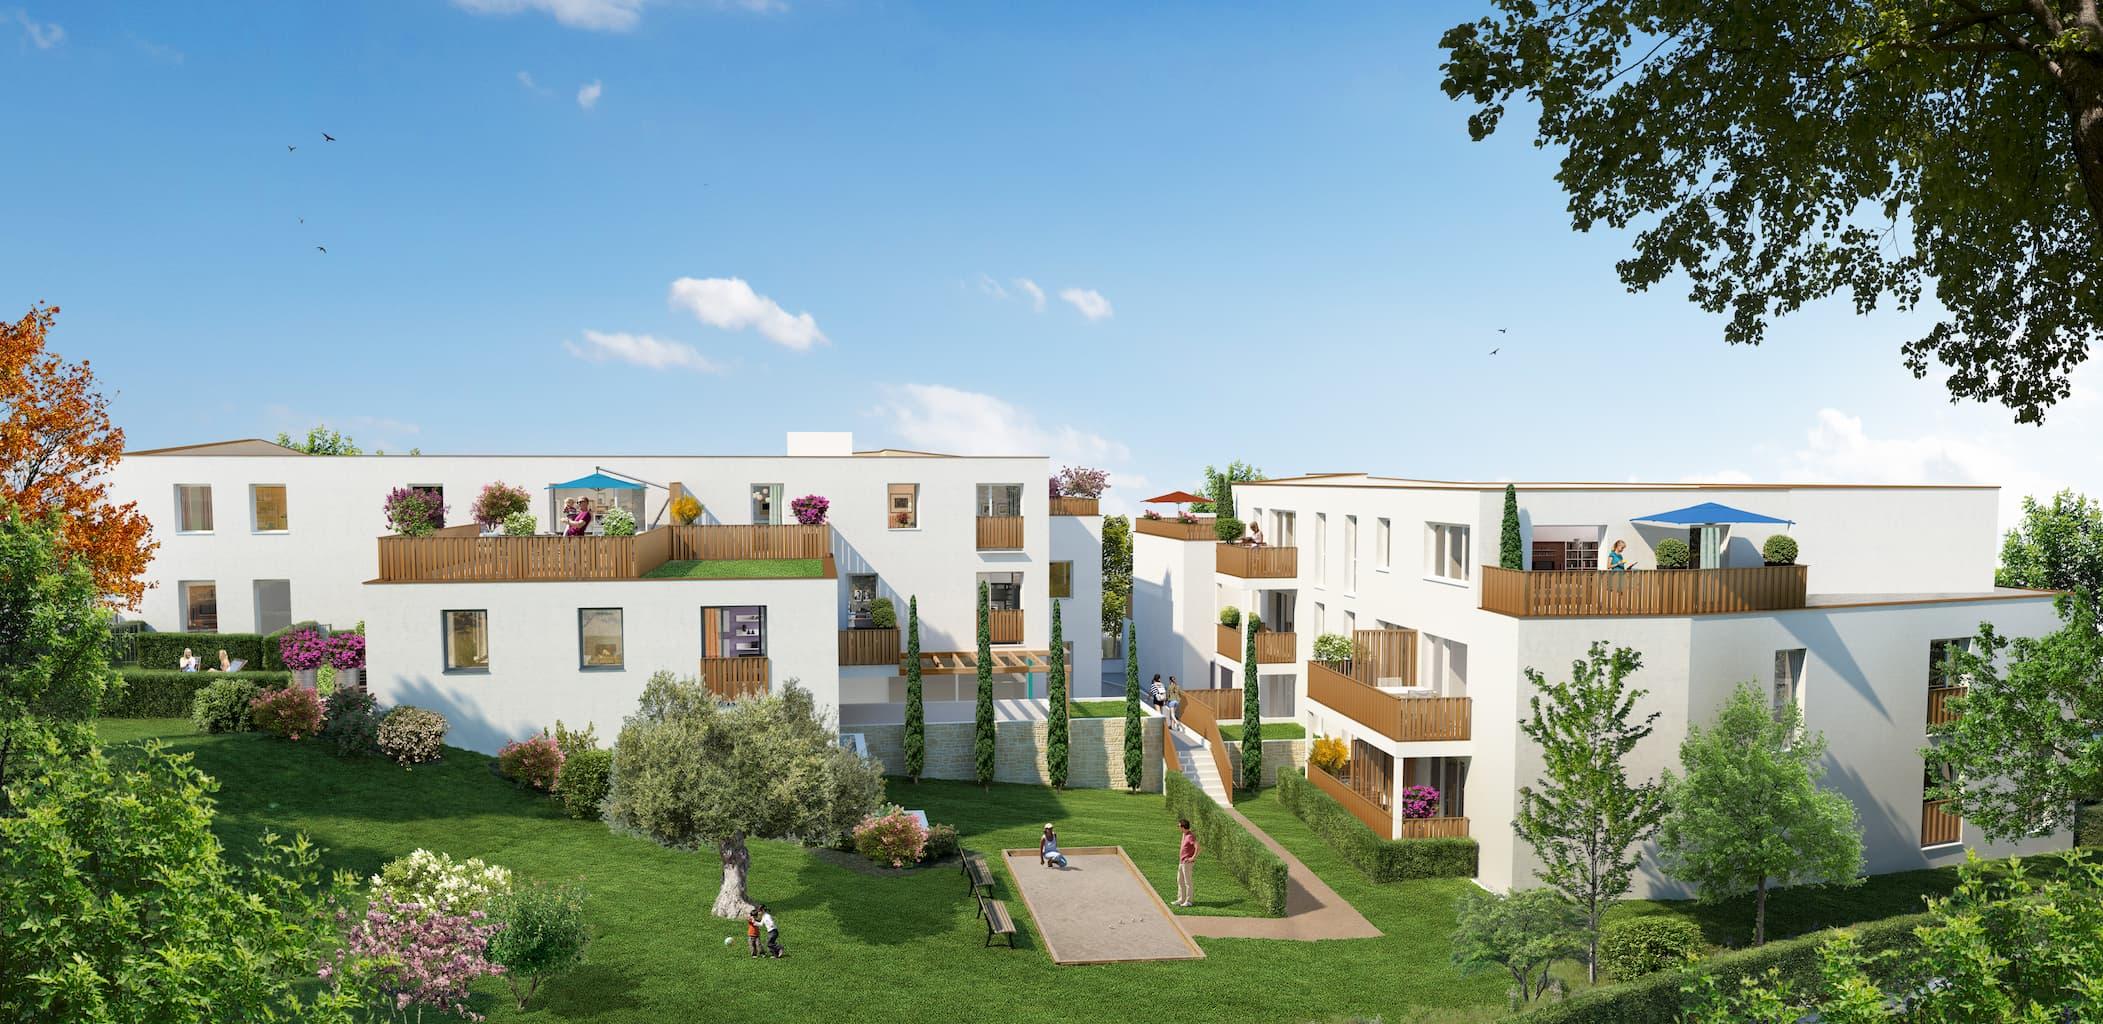 Lancement commercial du programme immobilier : « Le Carré de Flore »